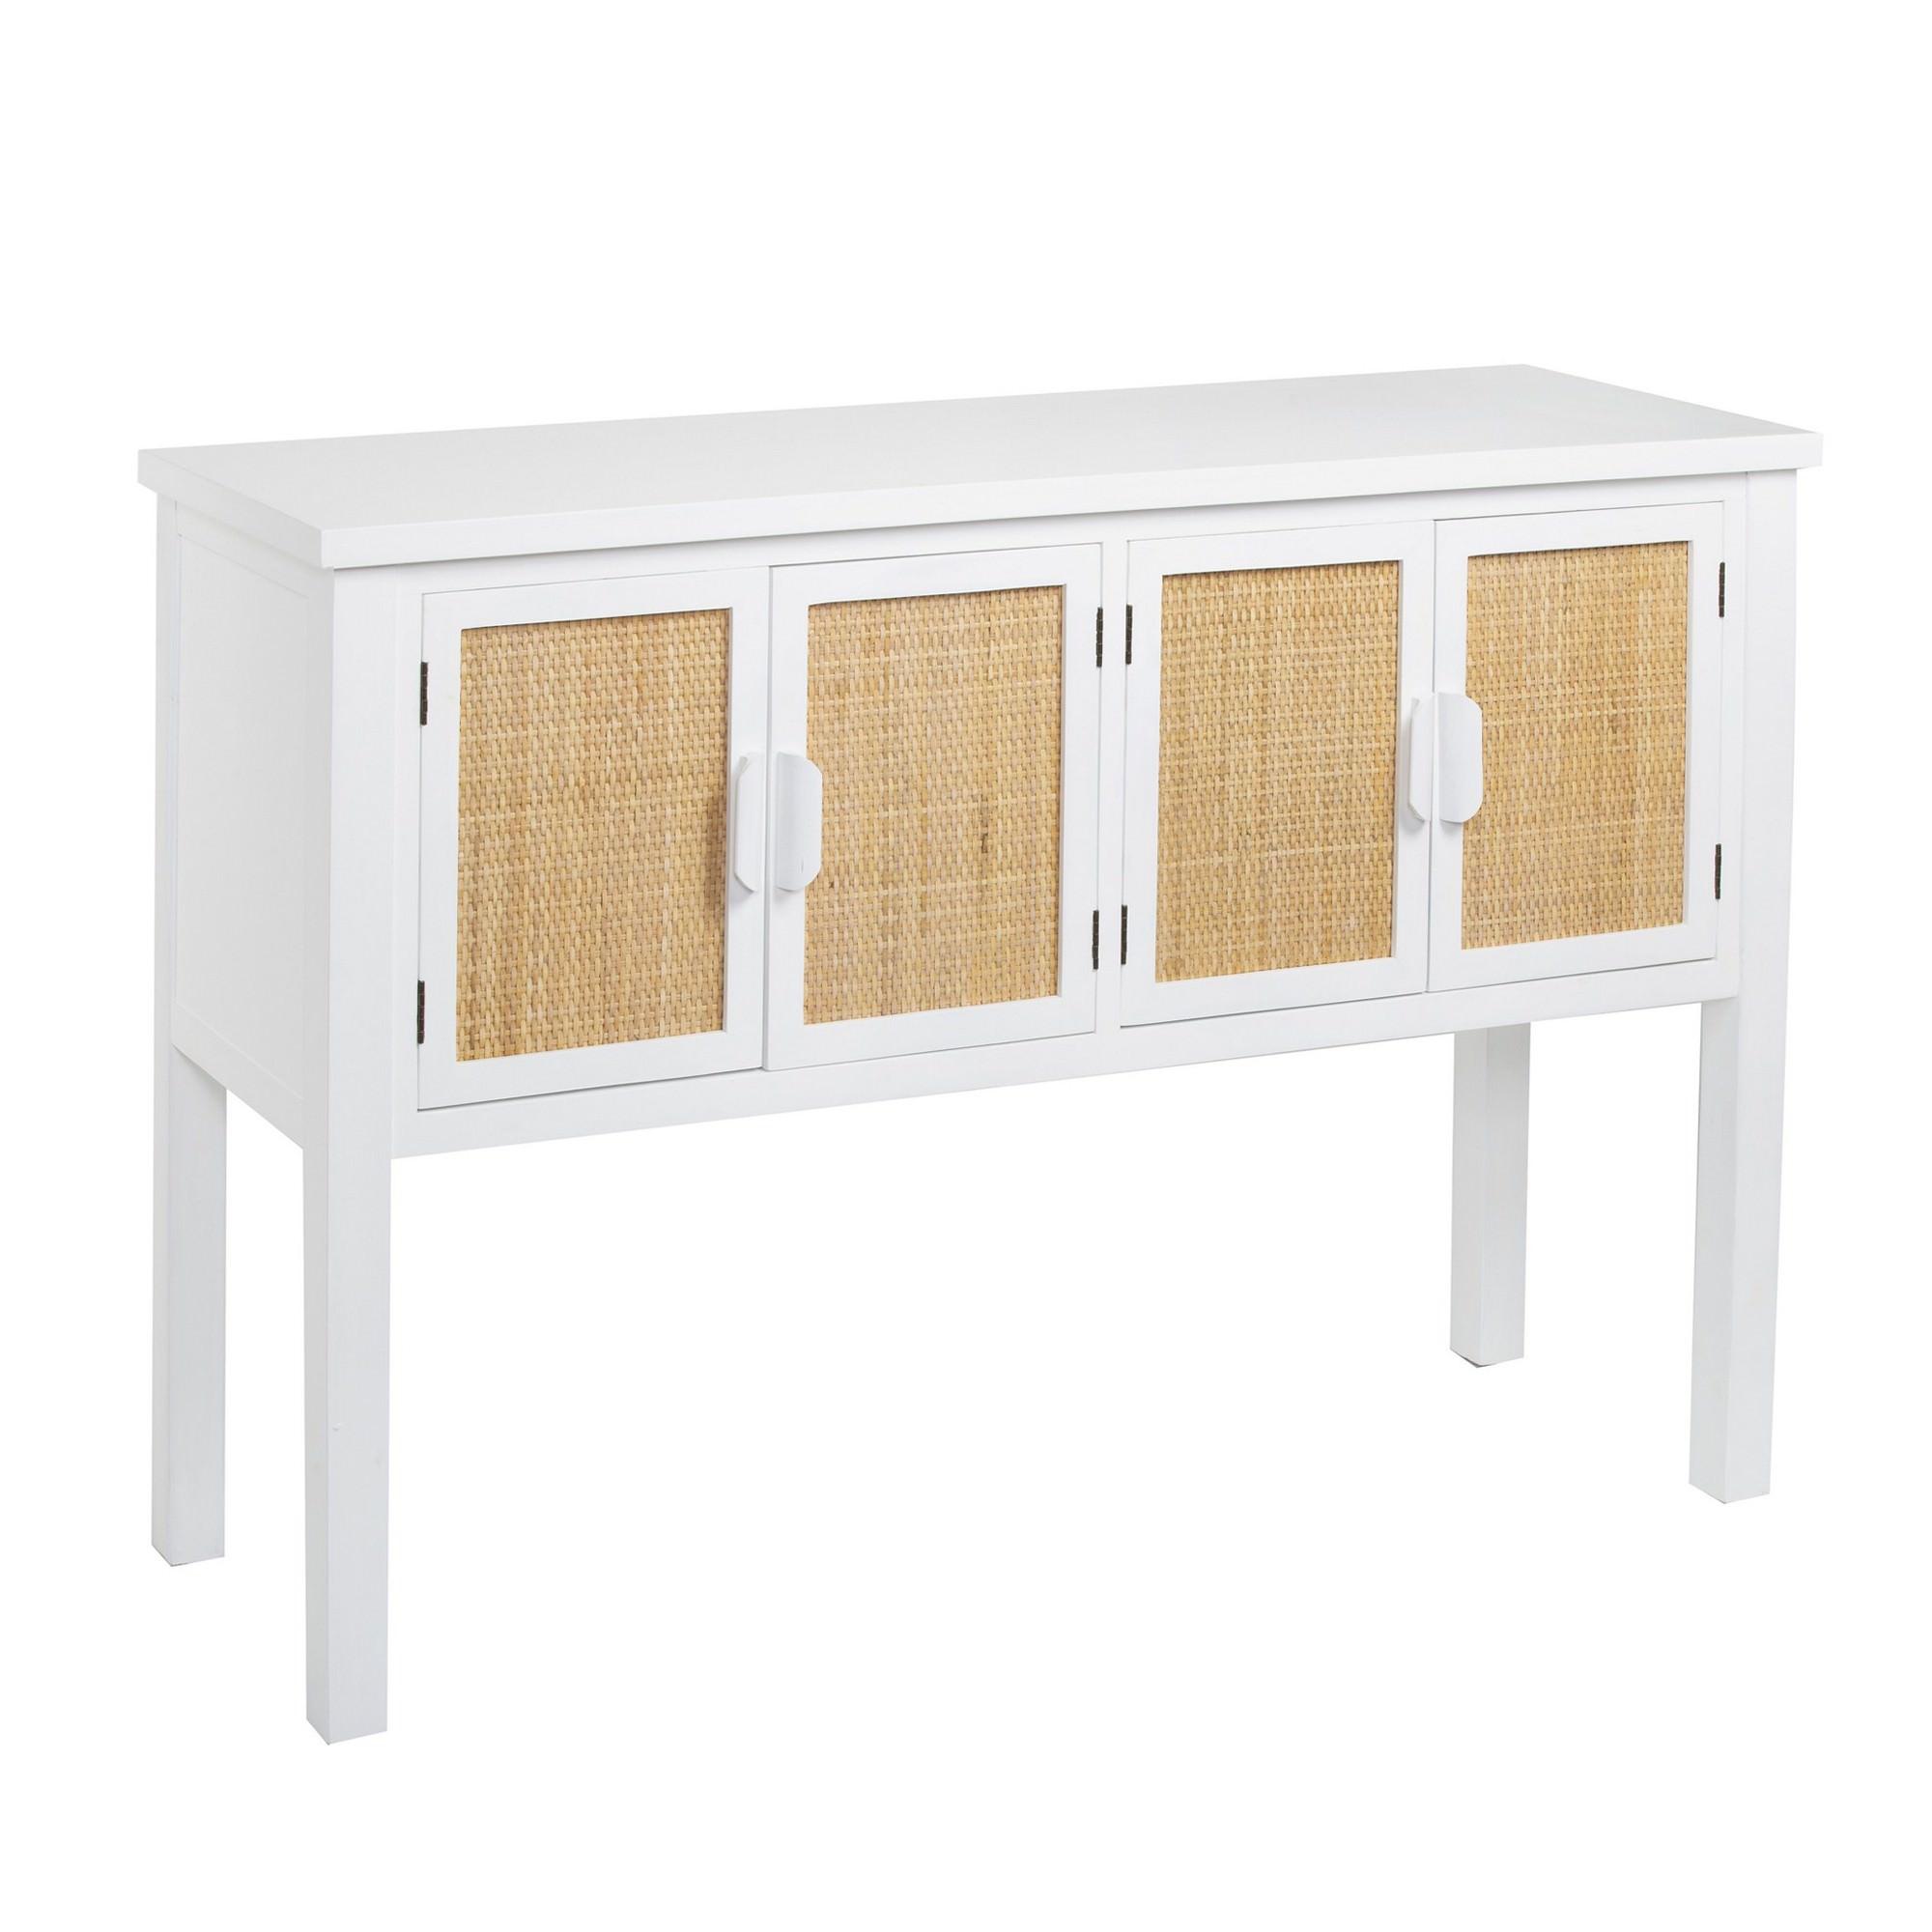 Millen Handmade Wooden 4 Door Console Table, 120cm